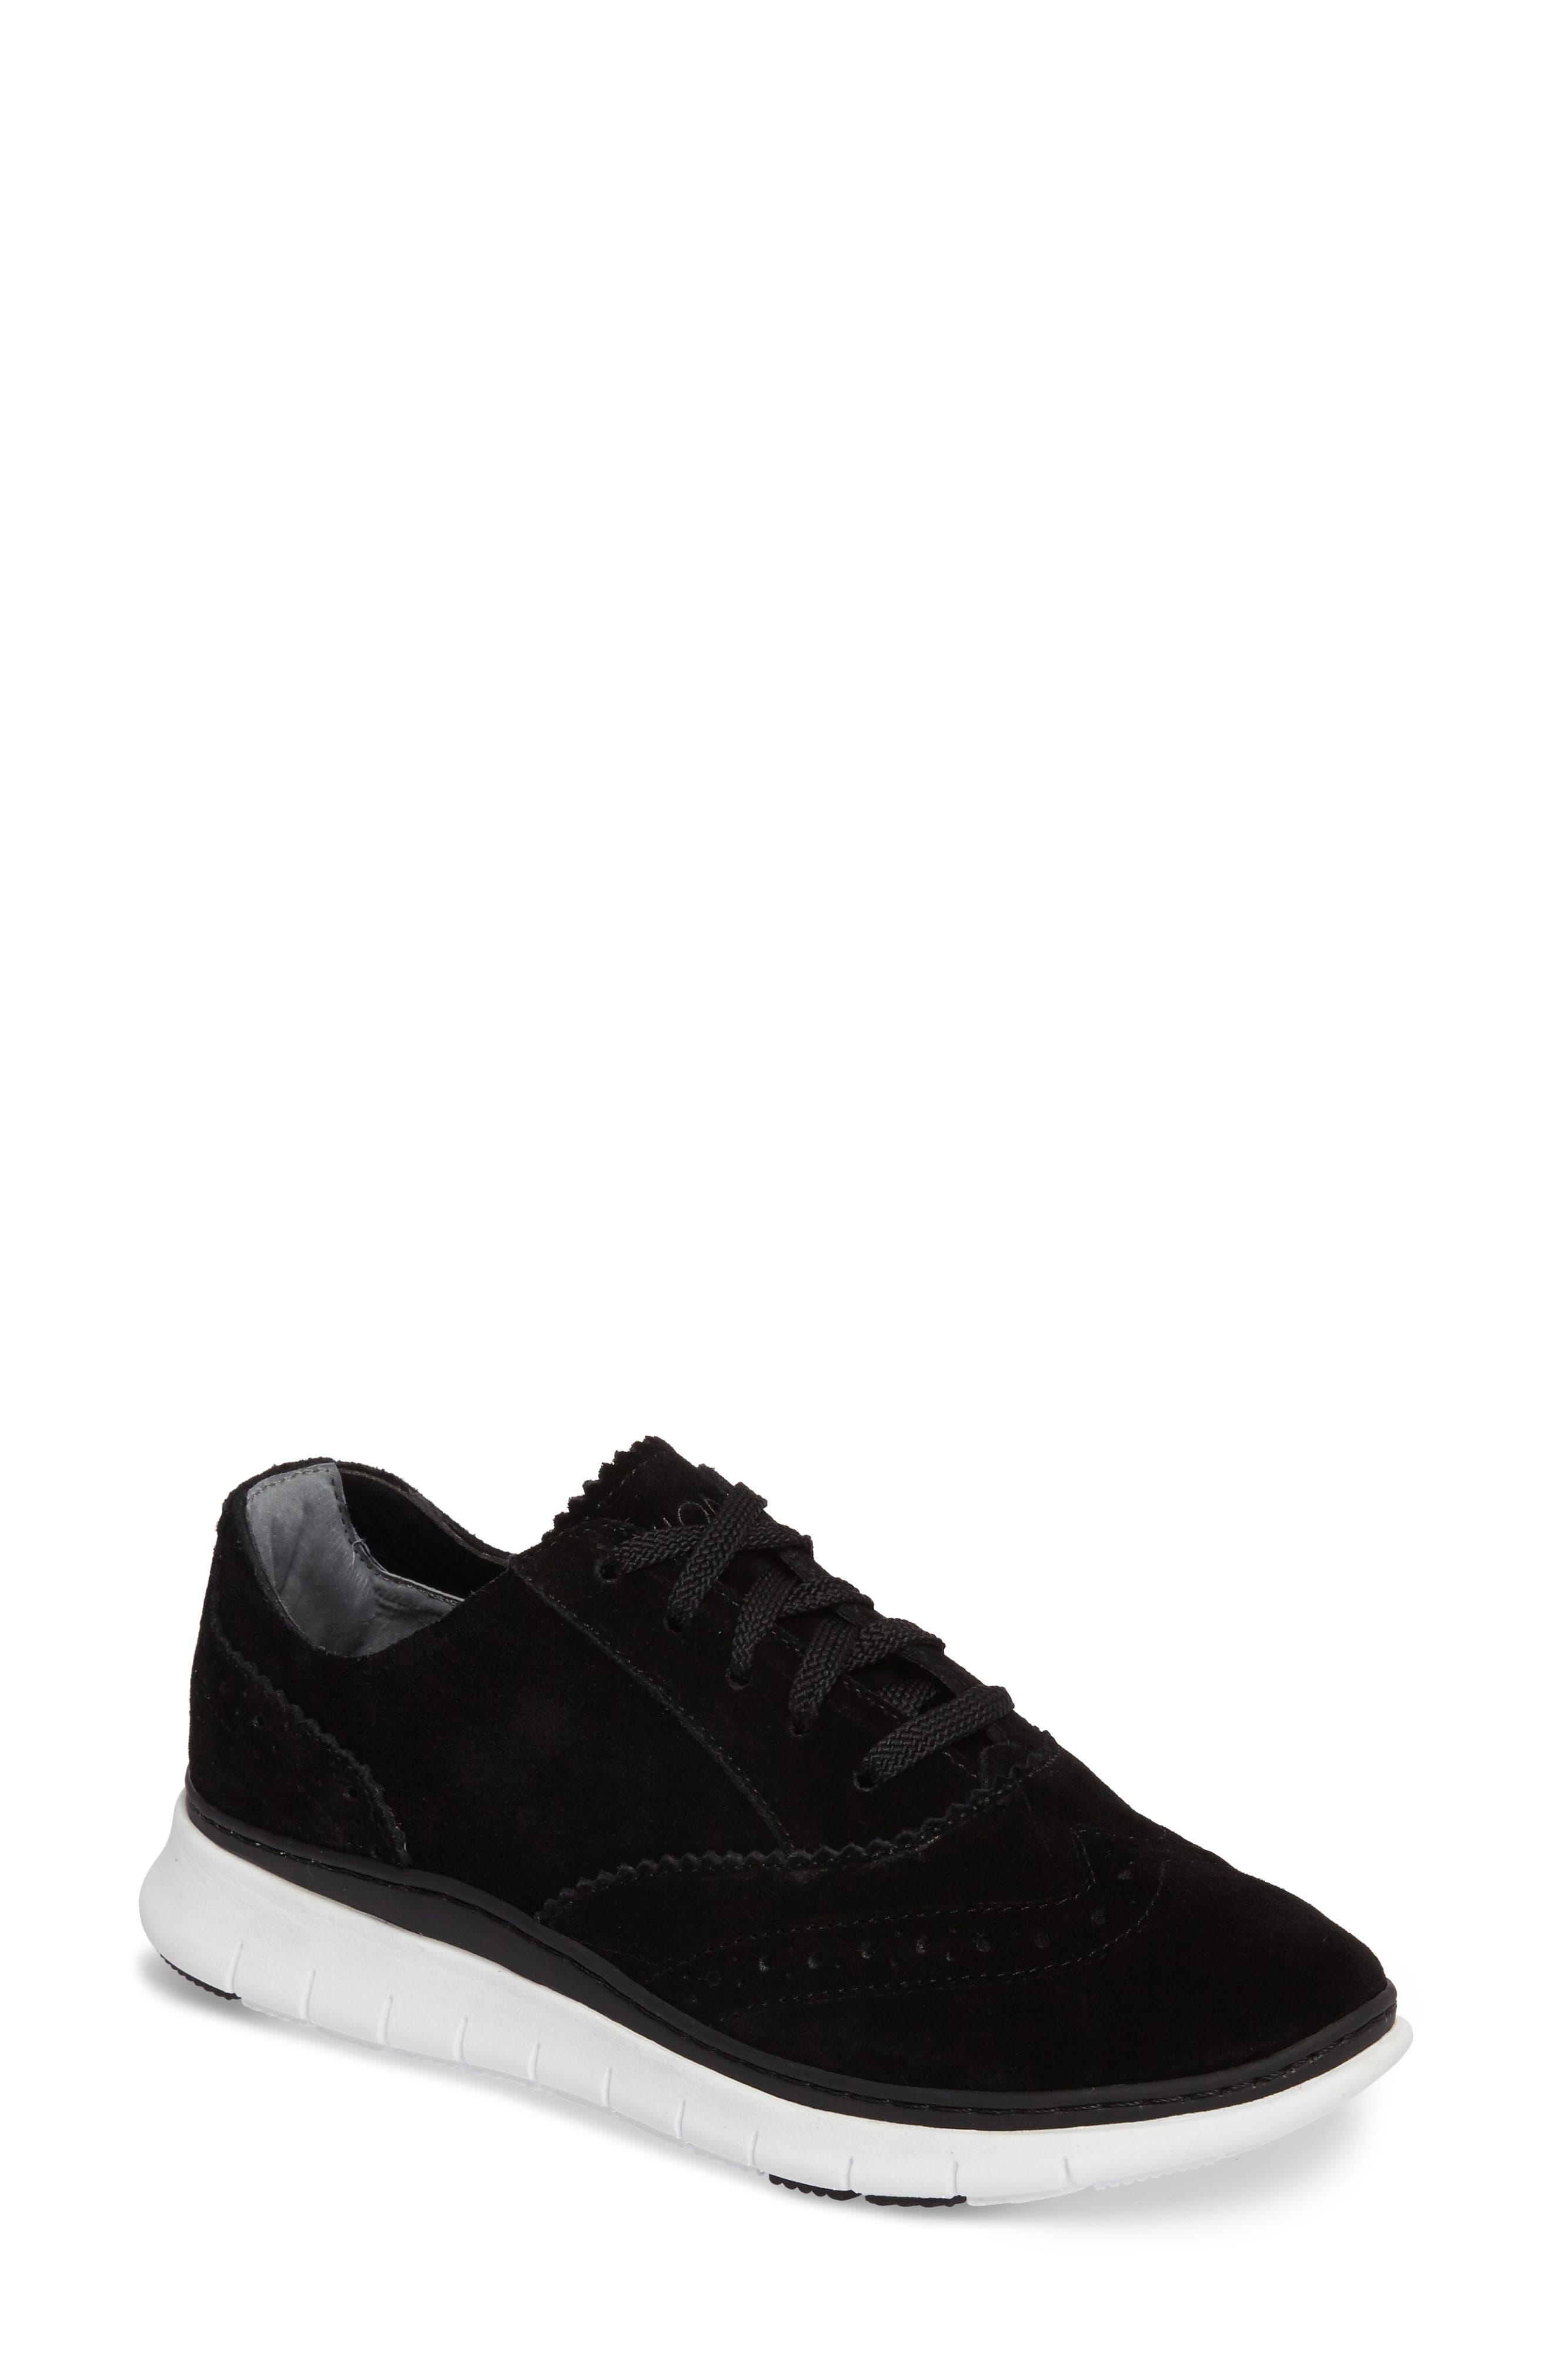 Kenley Sneaker,                         Main,                         color, Black Suede